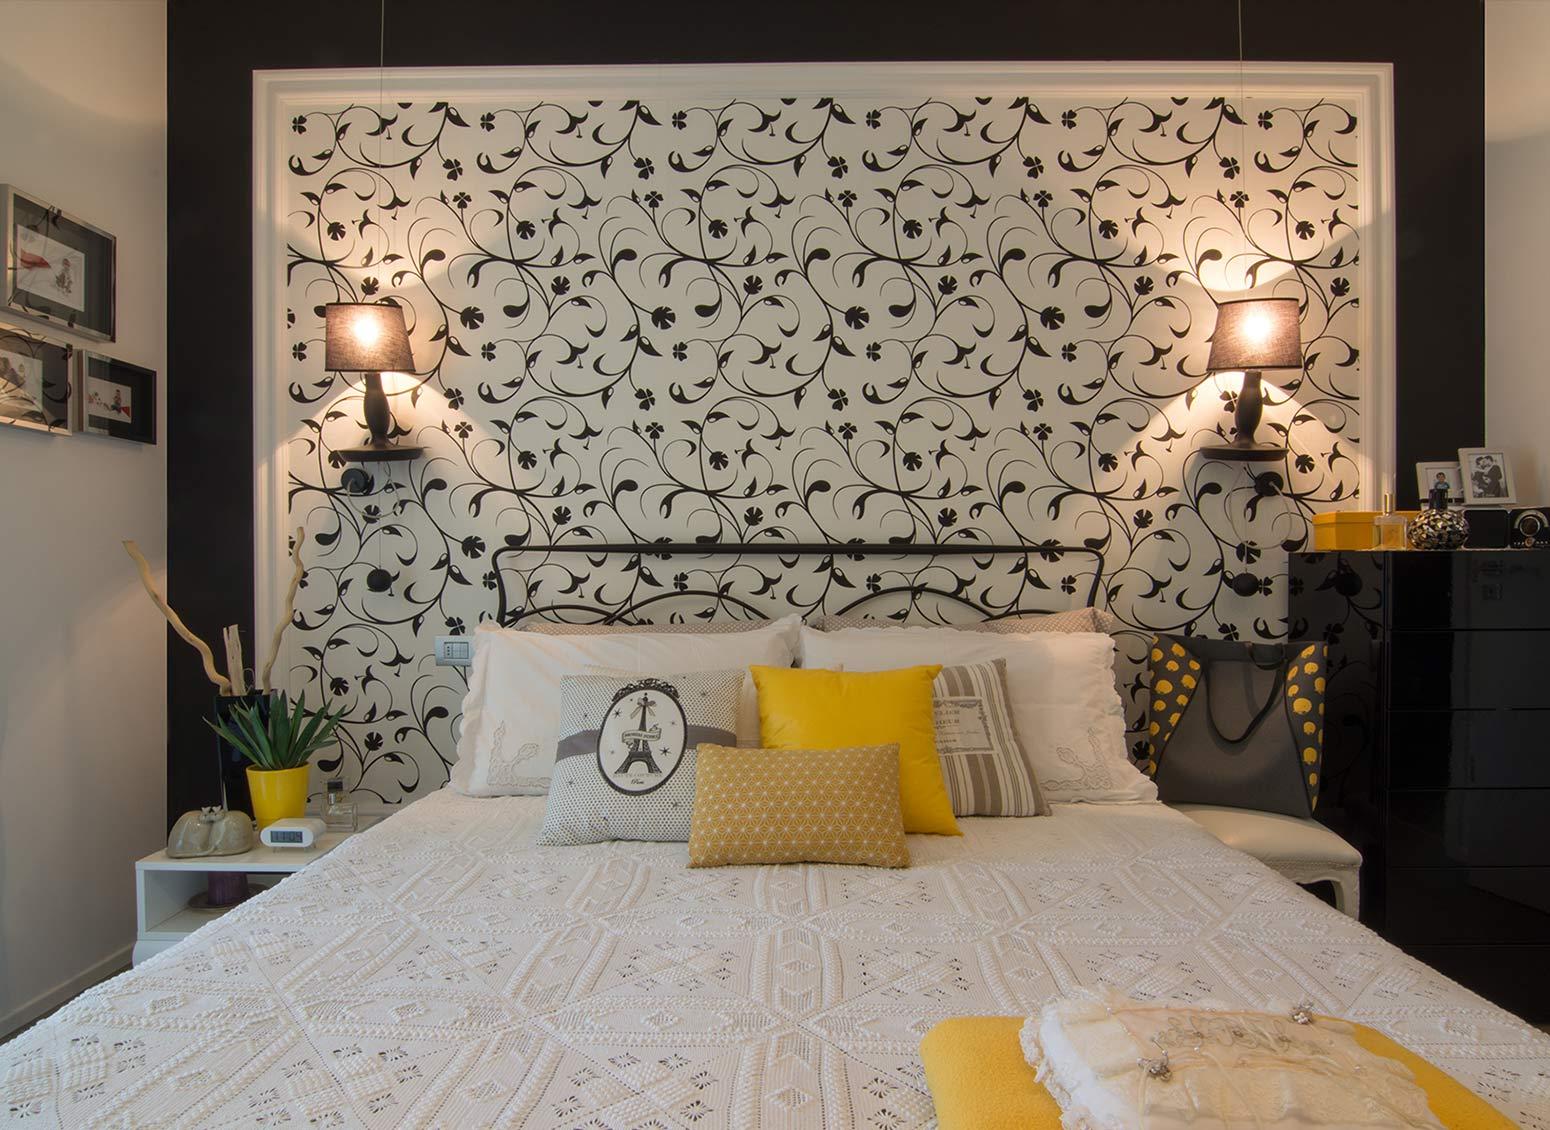 Matrimoniale Applique Camera Da Letto Design.Determinare L Altezza Ideale Per Posizionare Le Applique Ecco 7